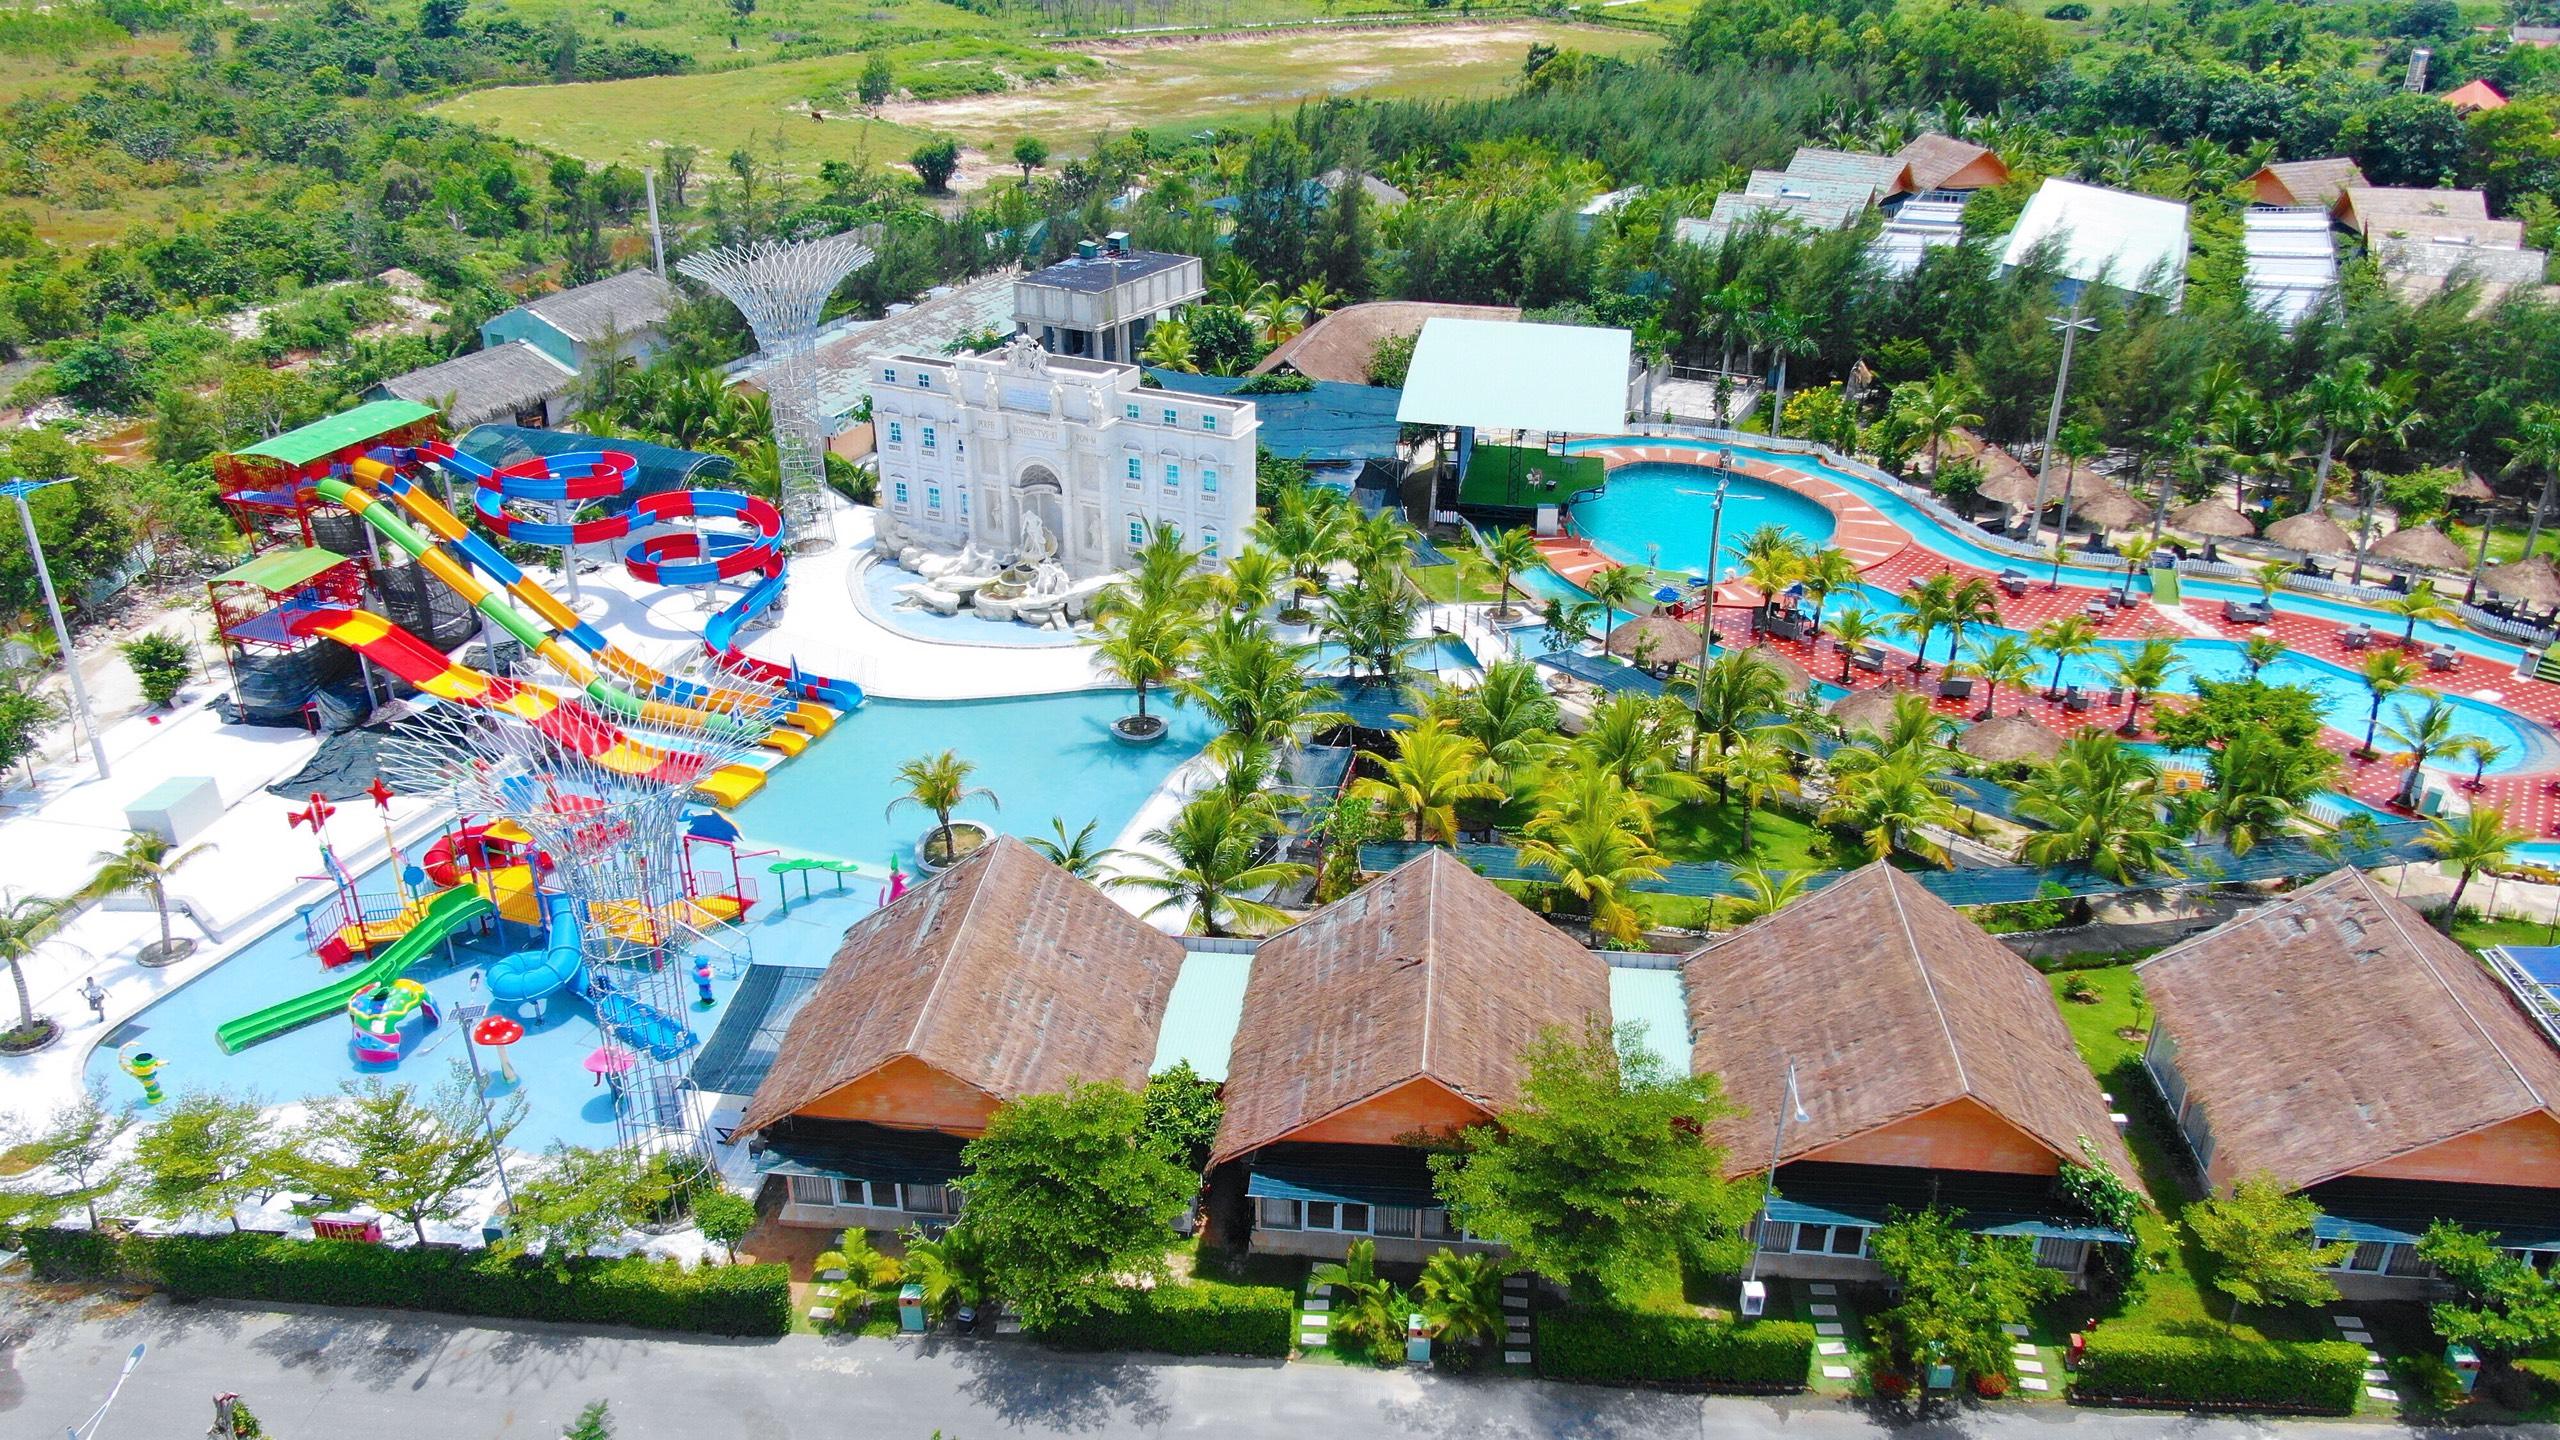 Sắp xuất hiện công viên hồ khoáng duy nhất tại Bình Châu lên tới 12.000m2 tại biệt thự nghỉ dưỡng Eco Bangkok Villas Bình Châu - Ảnh 1